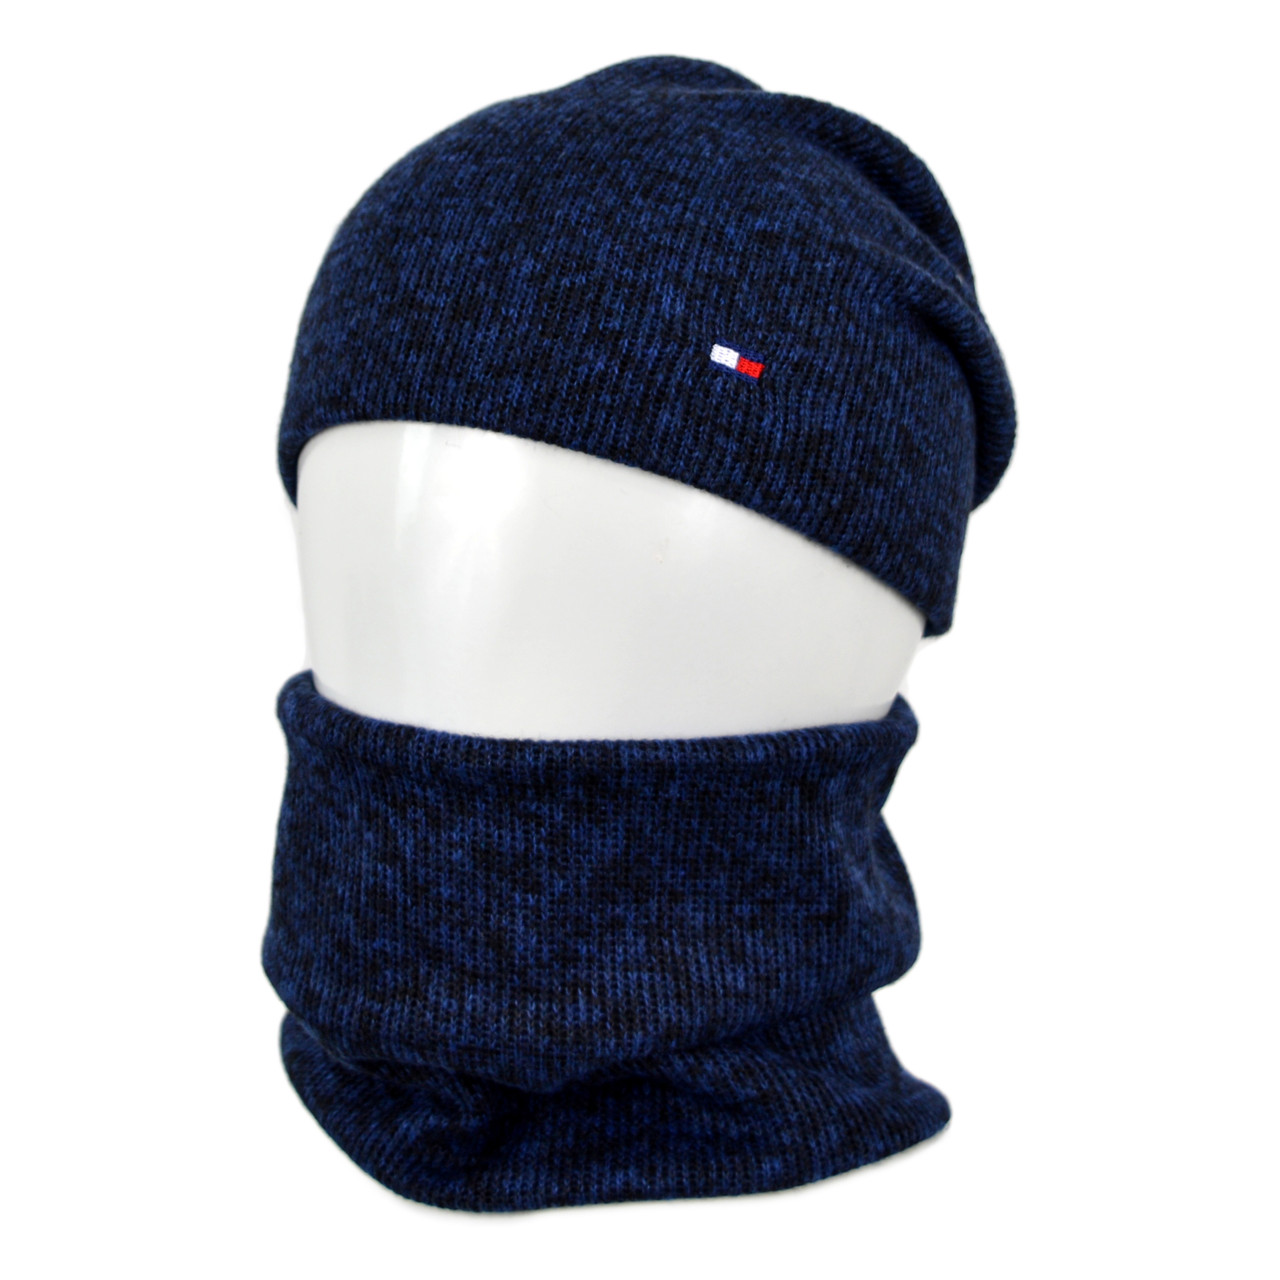 Комплект шапка+баф tomy SP1902 синий